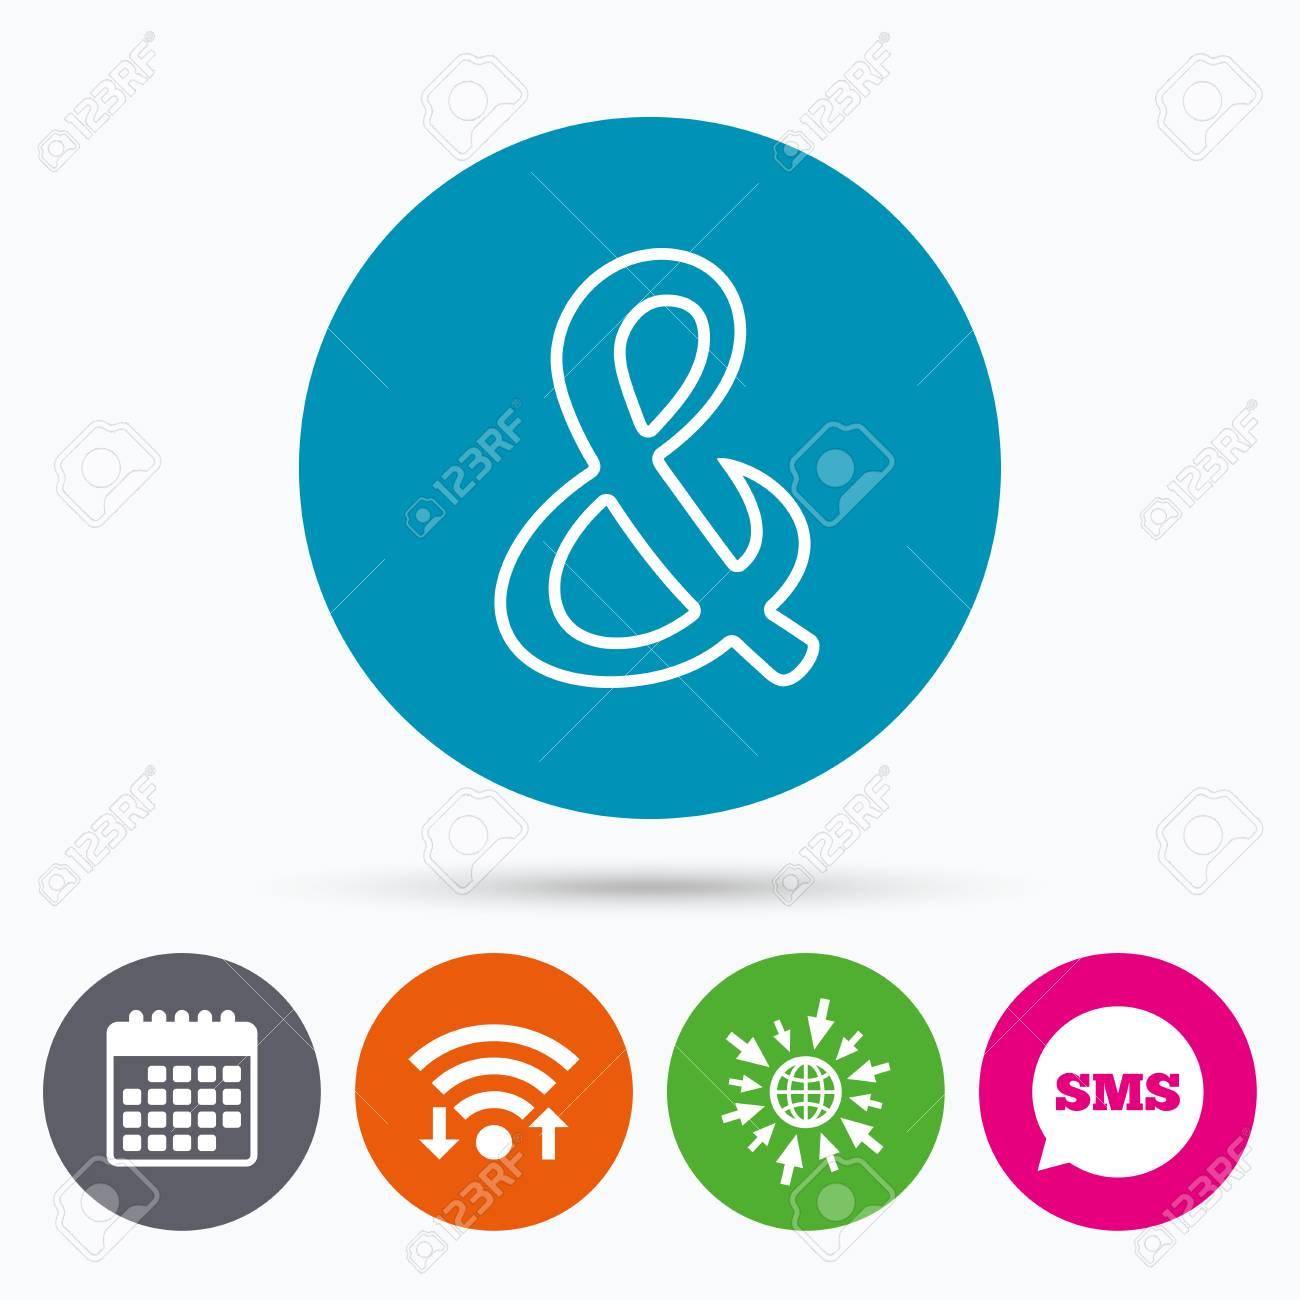 Wifi Sms Et Calendrier Icônes Ampersand Signe Icône Programmation Opérateur Logique Et Mariage Symbole Dinvitation Aller à La Page Web